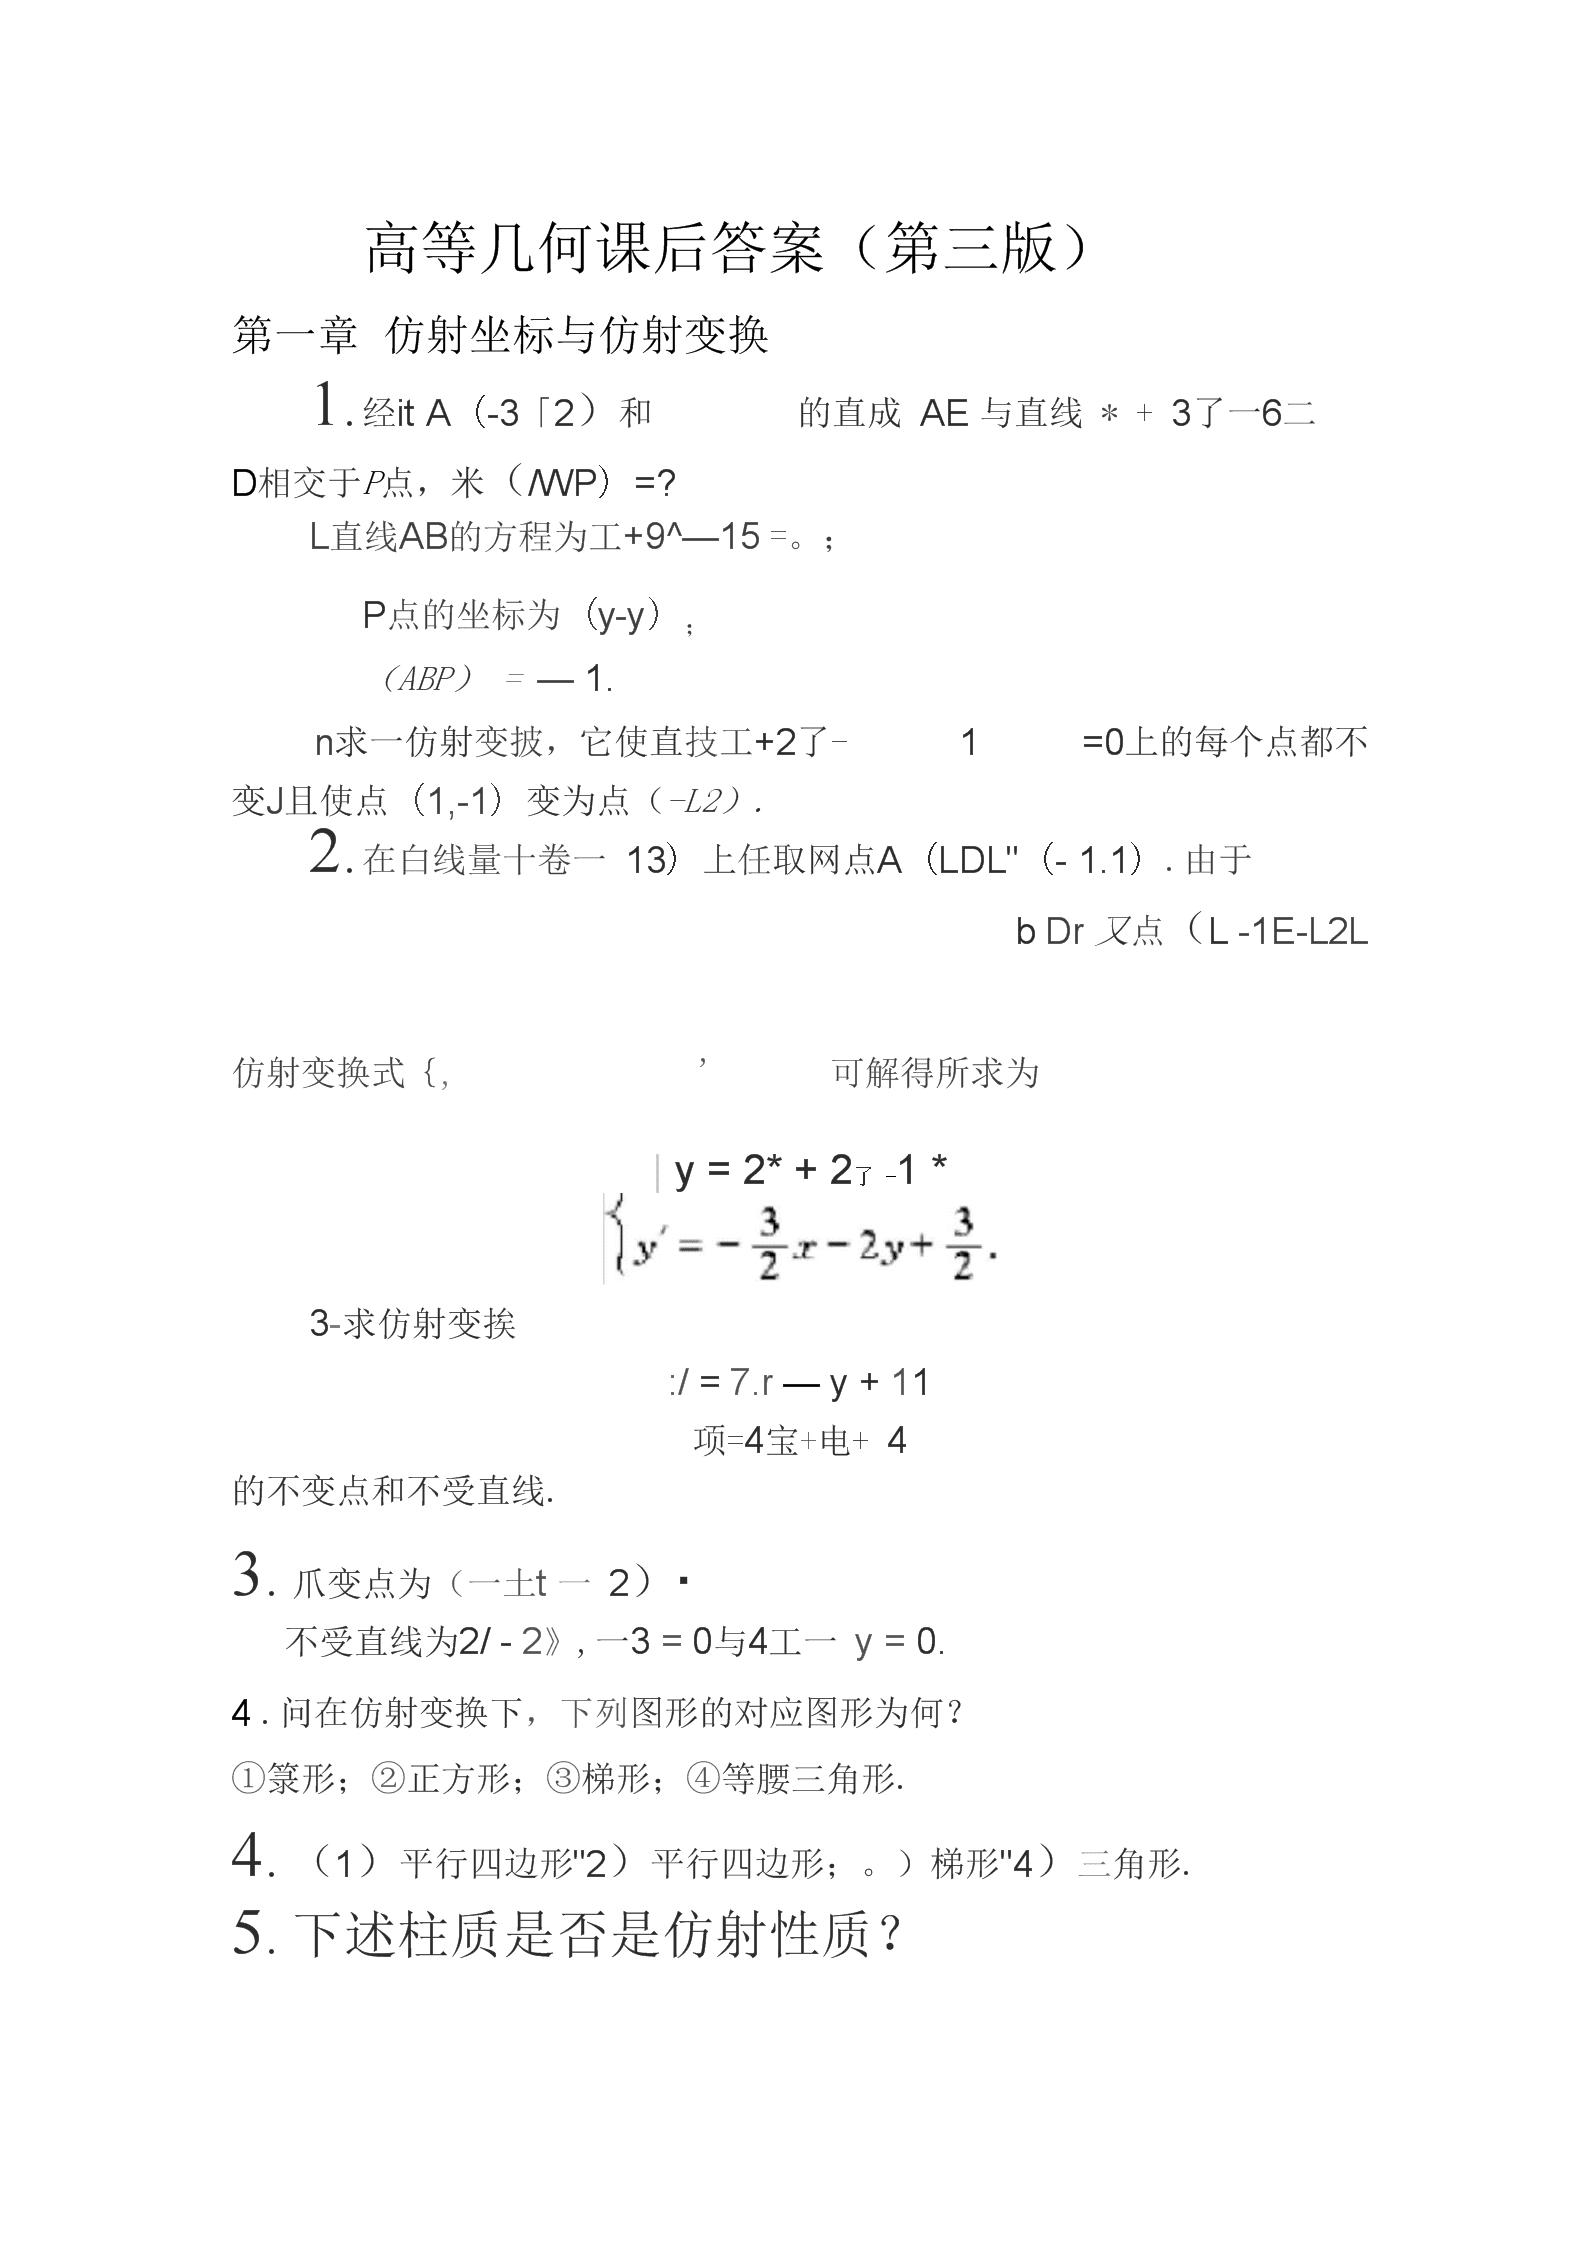 高等几何课后答案(第三版)[1]教学提纲.docx